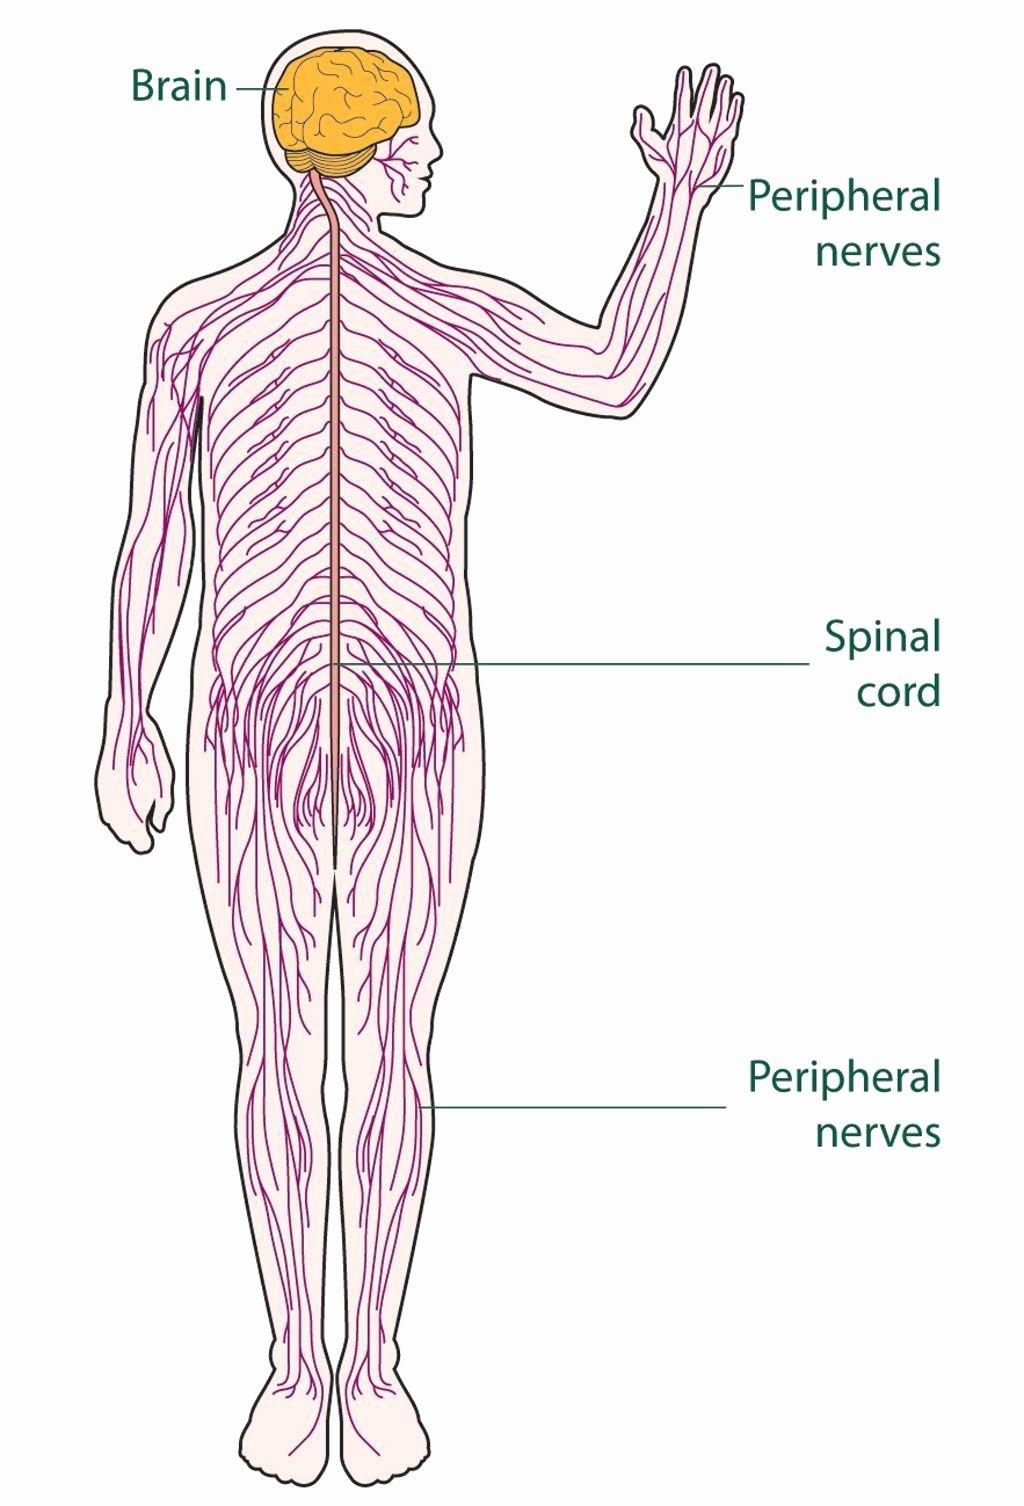 Nervous System Worksheet High School top Nervous System Worksheet High School Diagram the Nervous